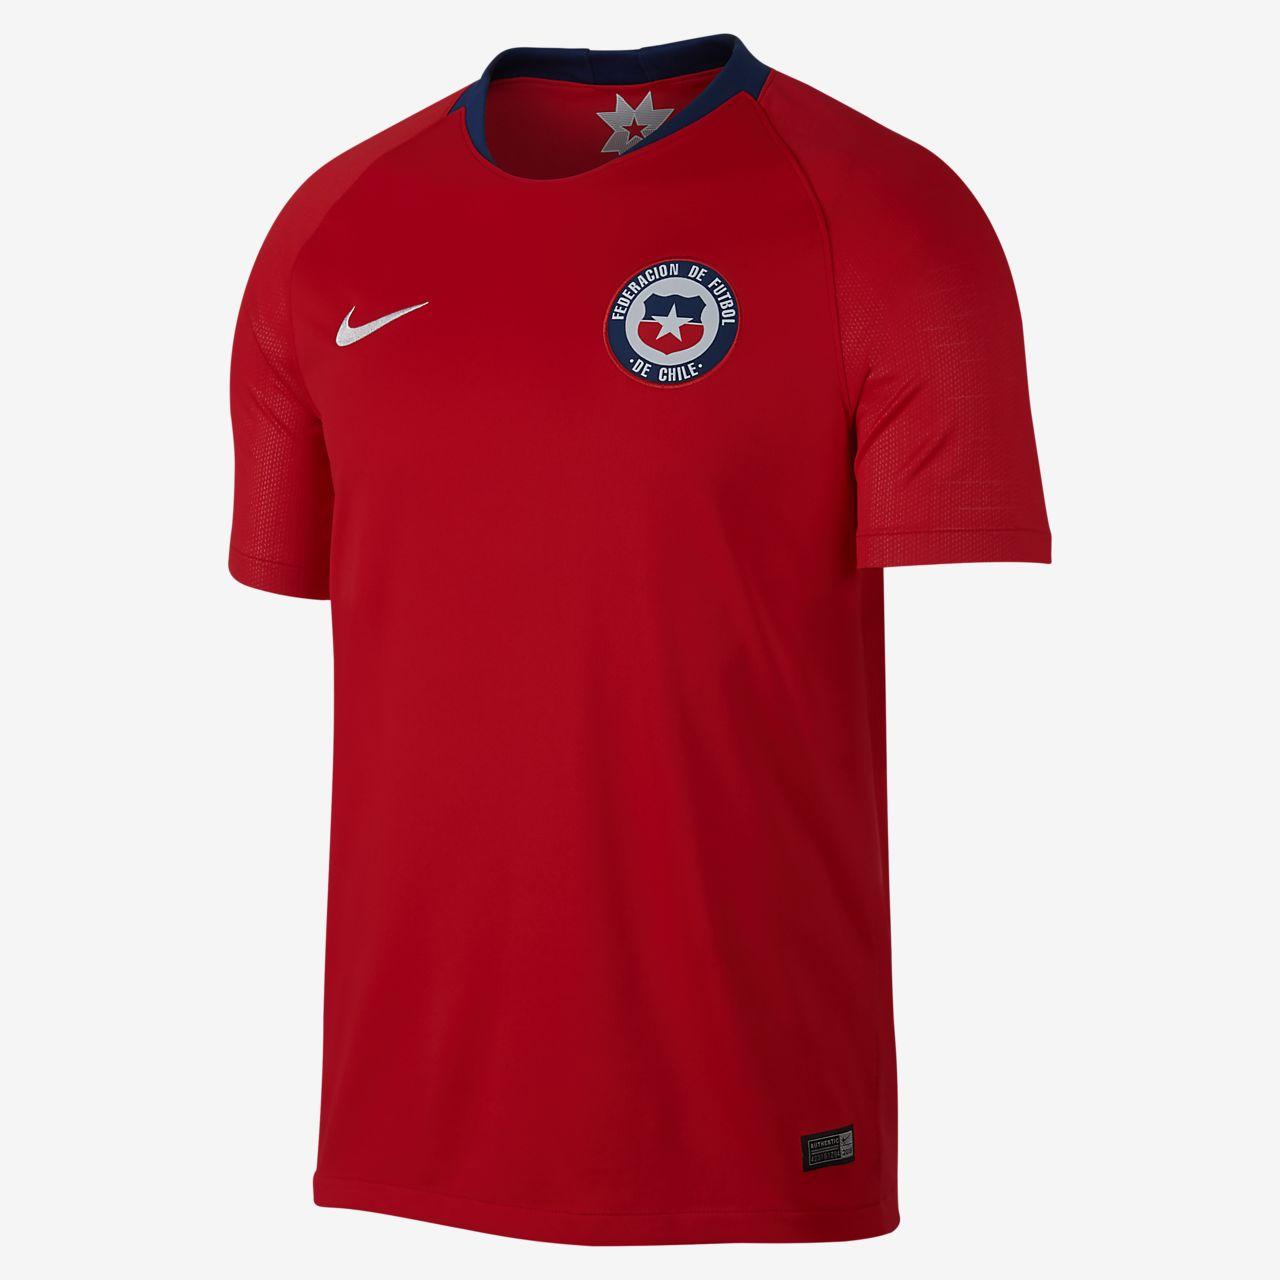 Camiseta de fútbol para hombre 2018 Chile Stadium Home. Nike.com CL bf5e7ef2fb54e